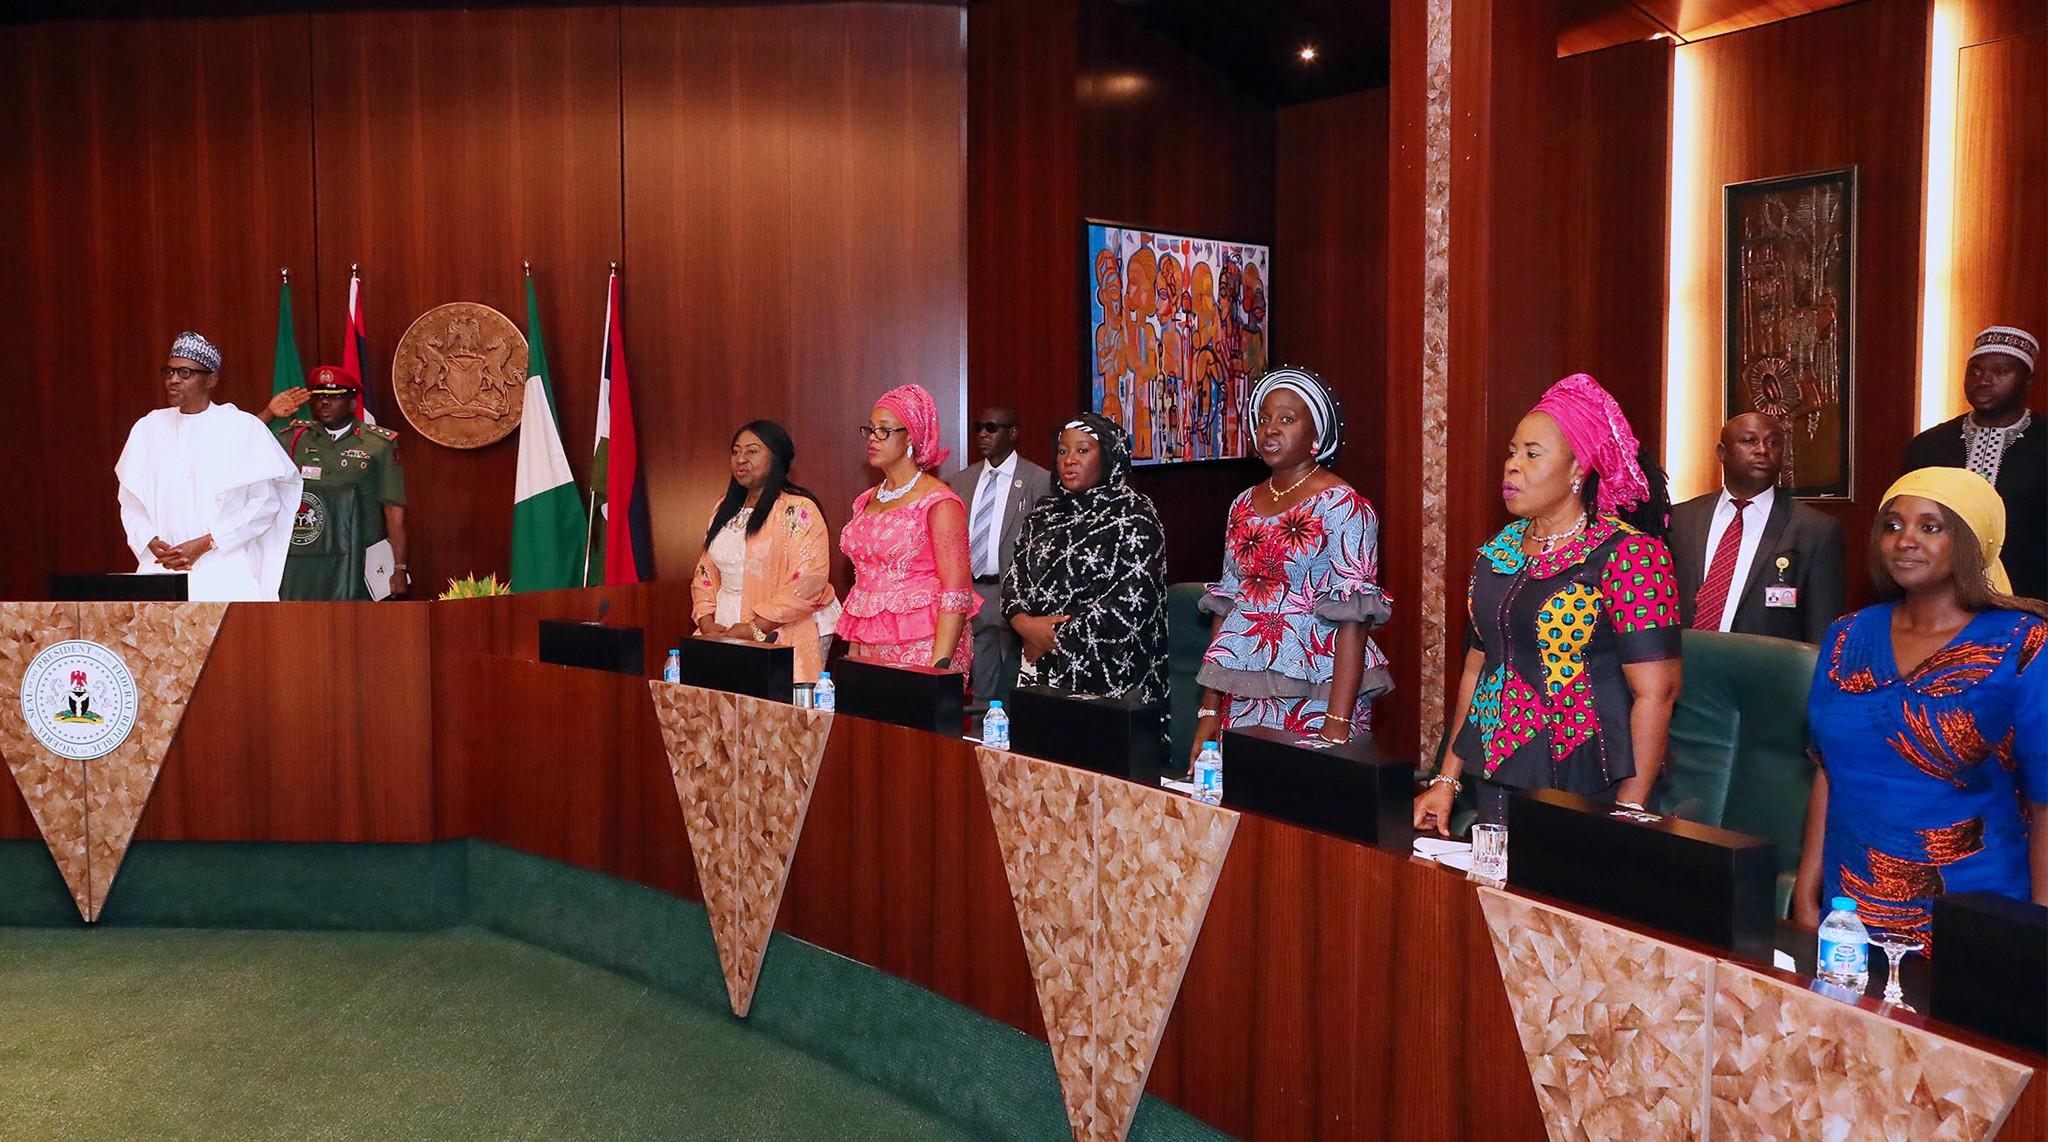 No Plan To Suppress Female Participation In Politics - President Buhari